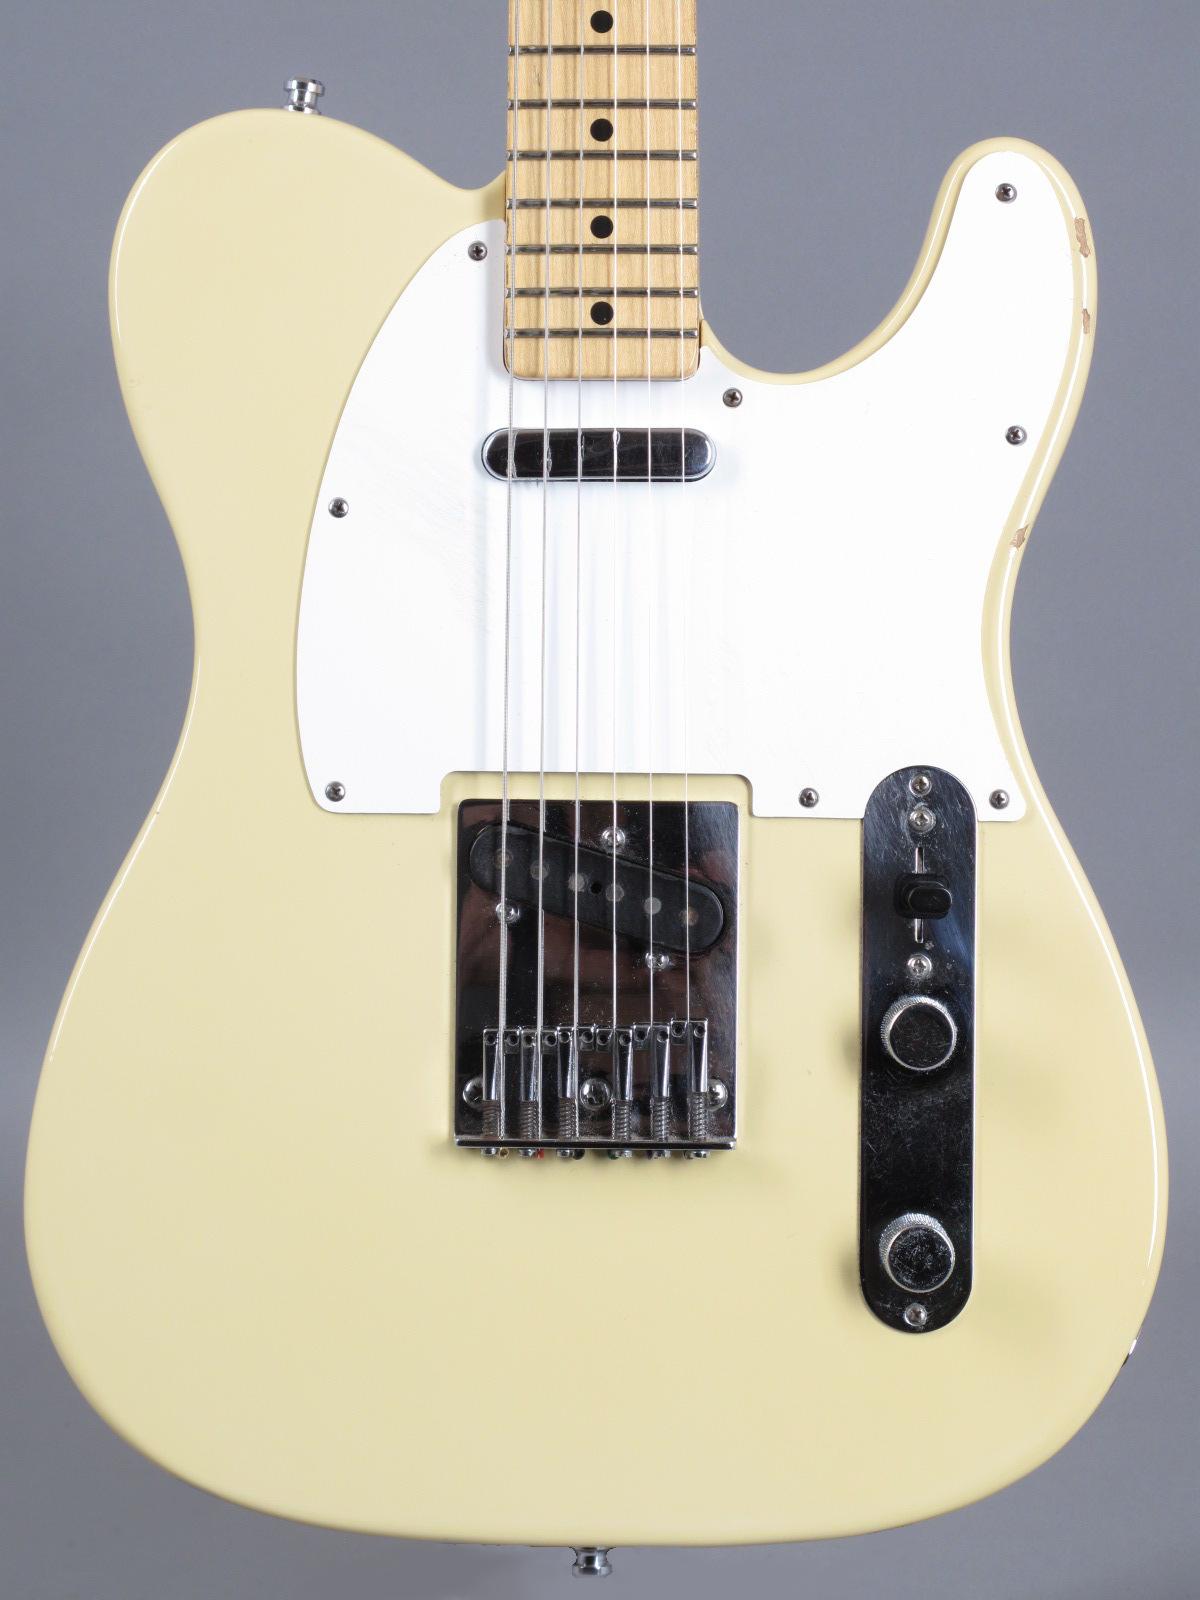 1983 Fender Standard Telecaster - Olympic White